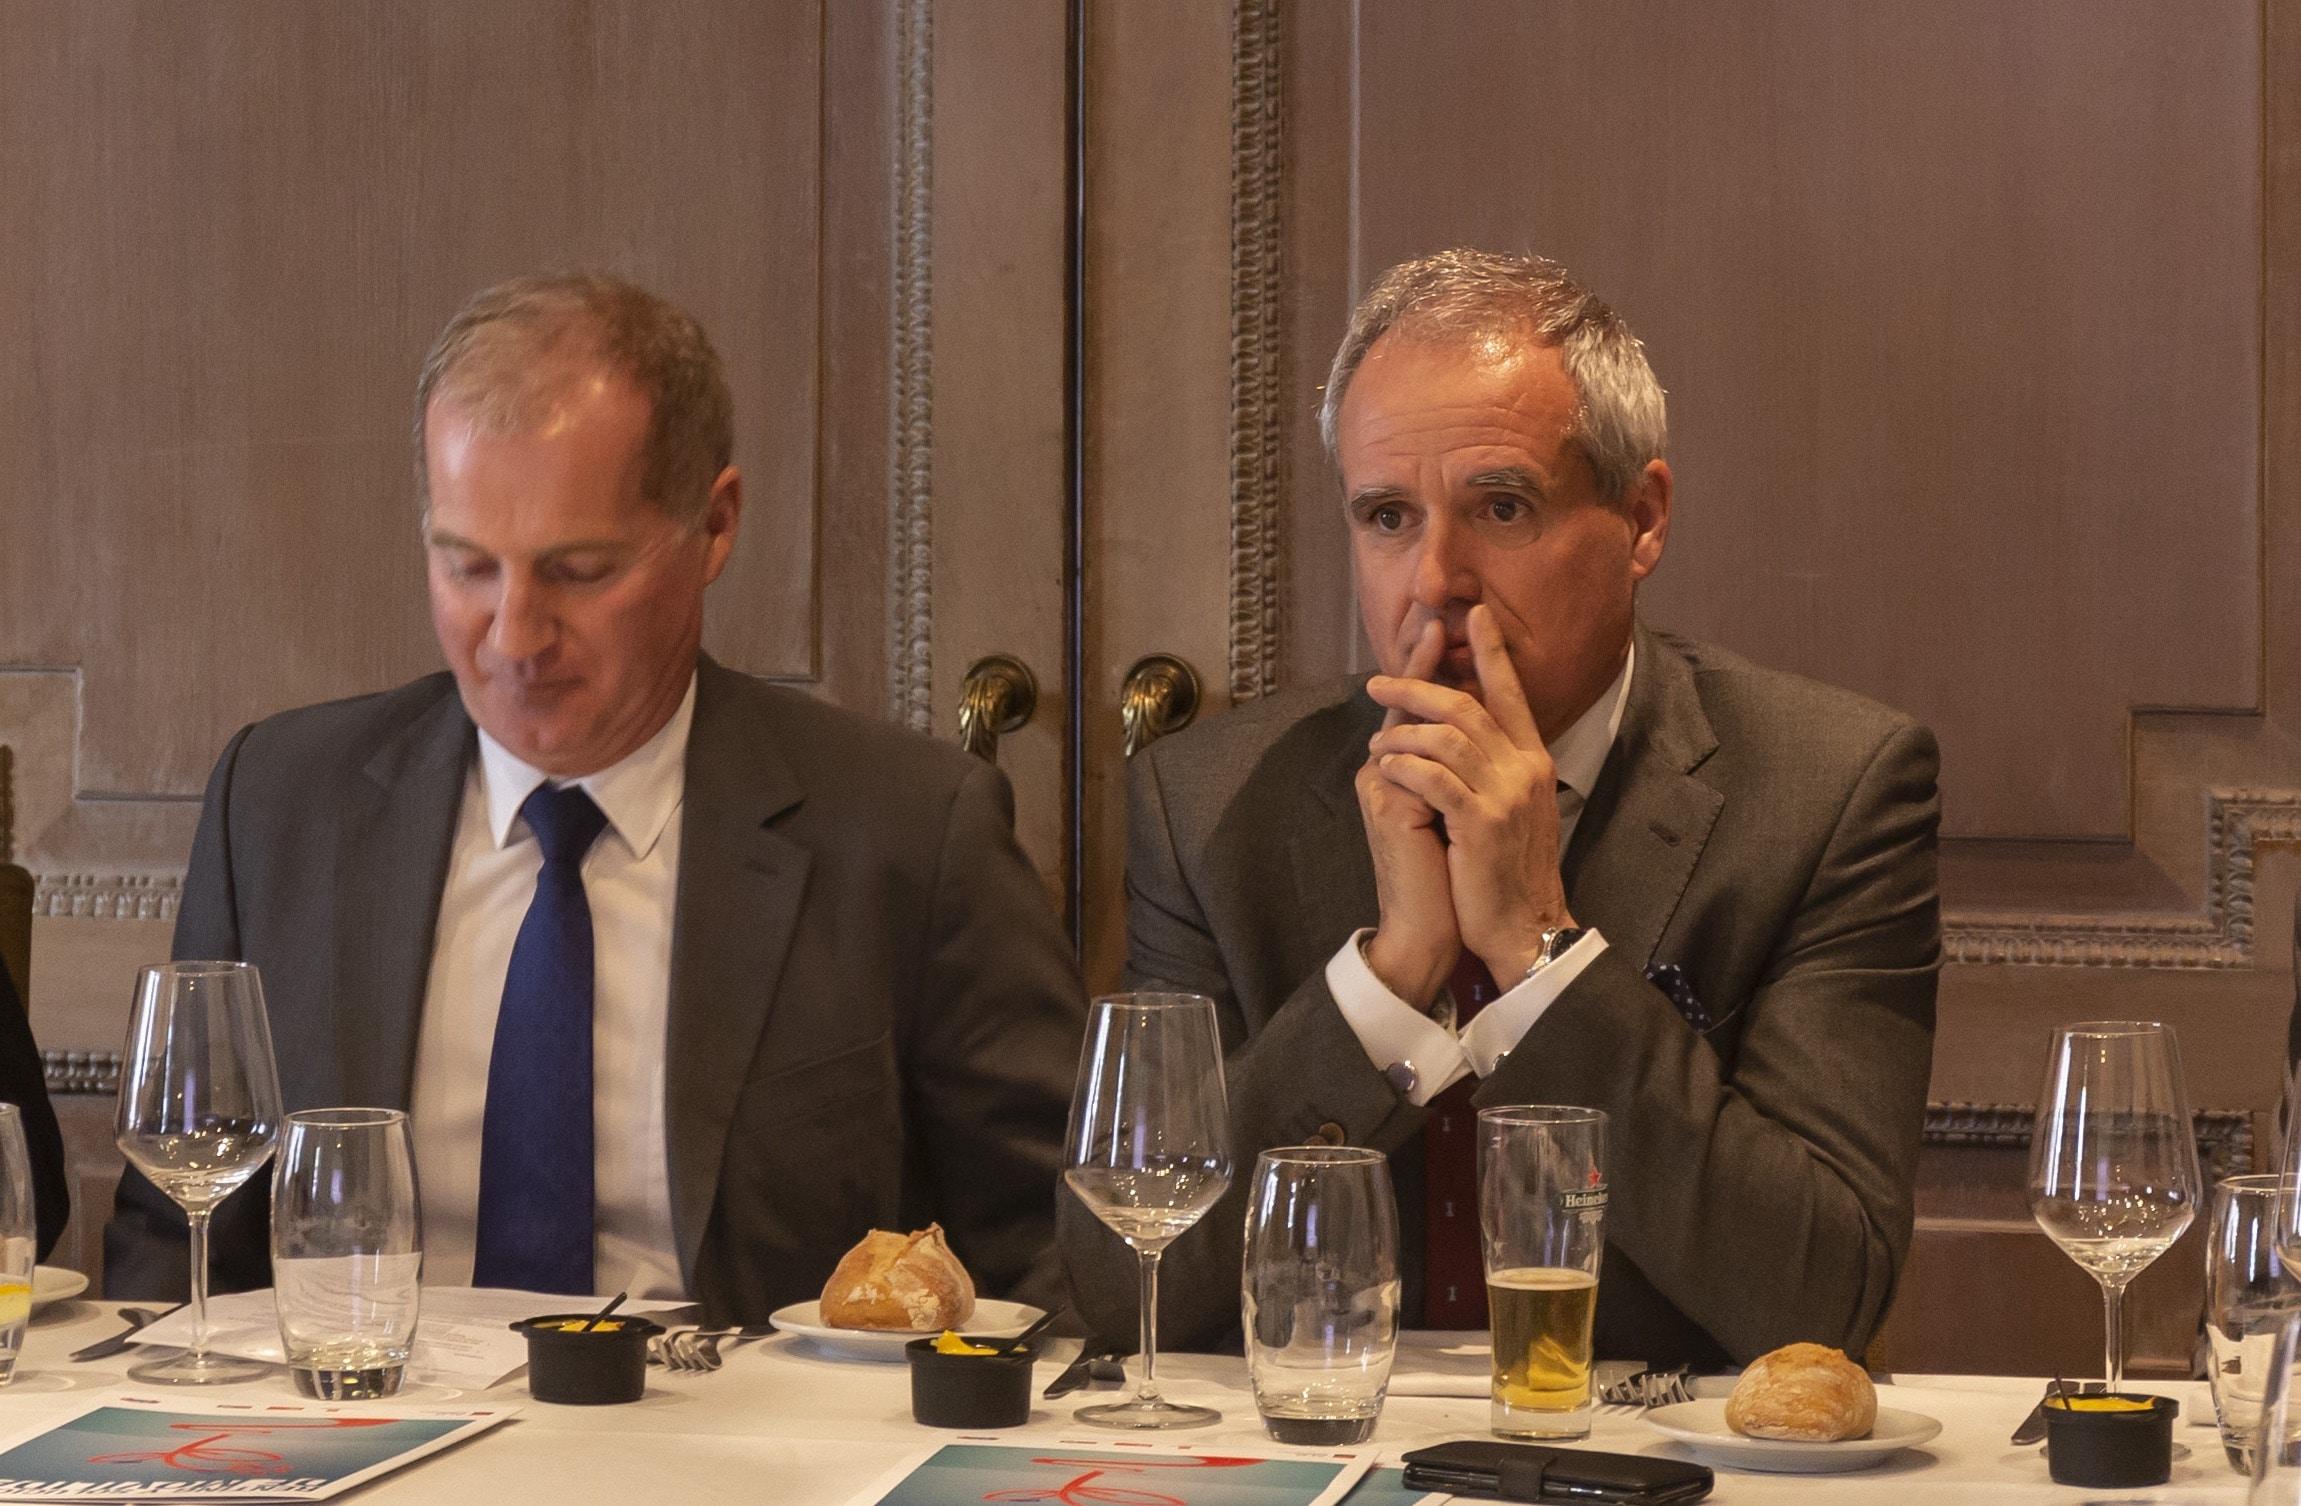 Pedro Malla, conejero delegado de ALD, junto con Gilles Bellemère, vicepresidente internacional de ALD, en Madrid.